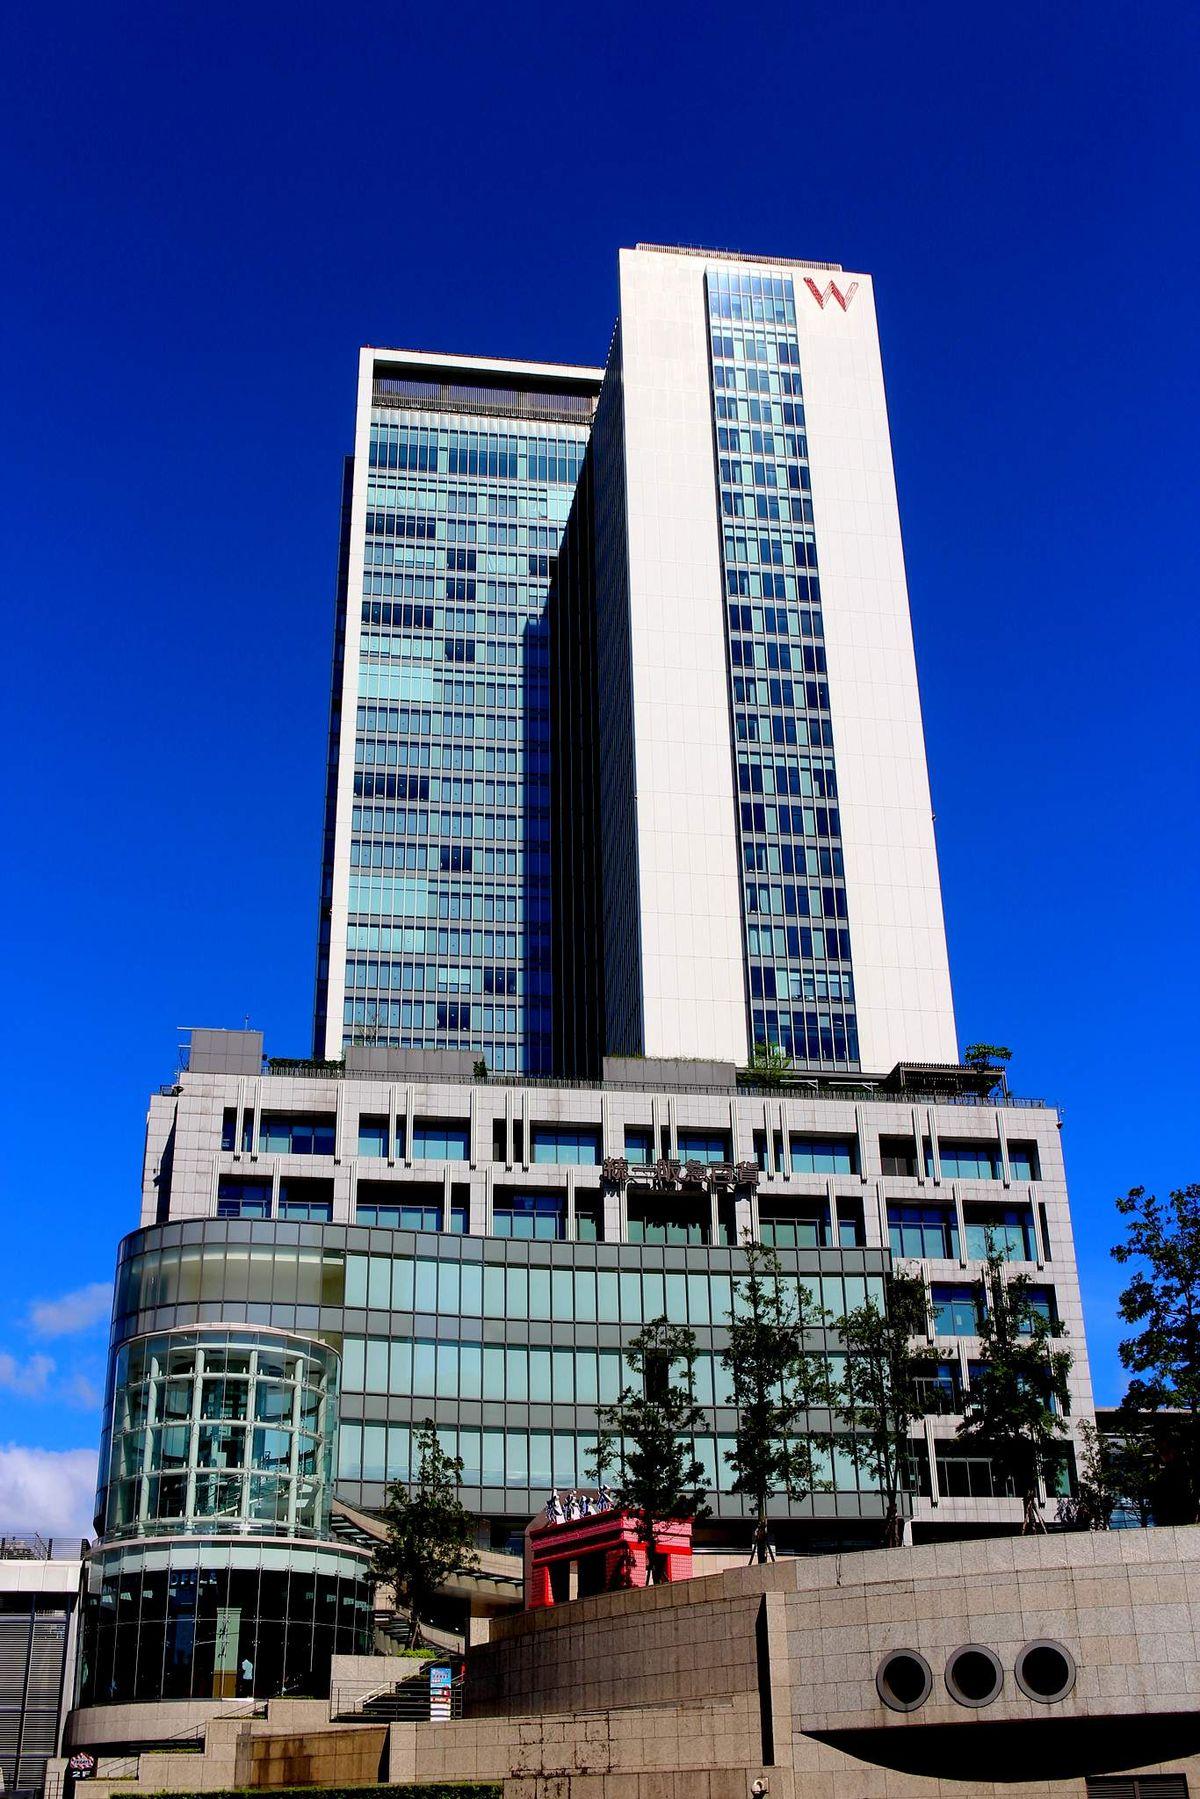 臺北W飯店 - 維基百科,自由的百科全書